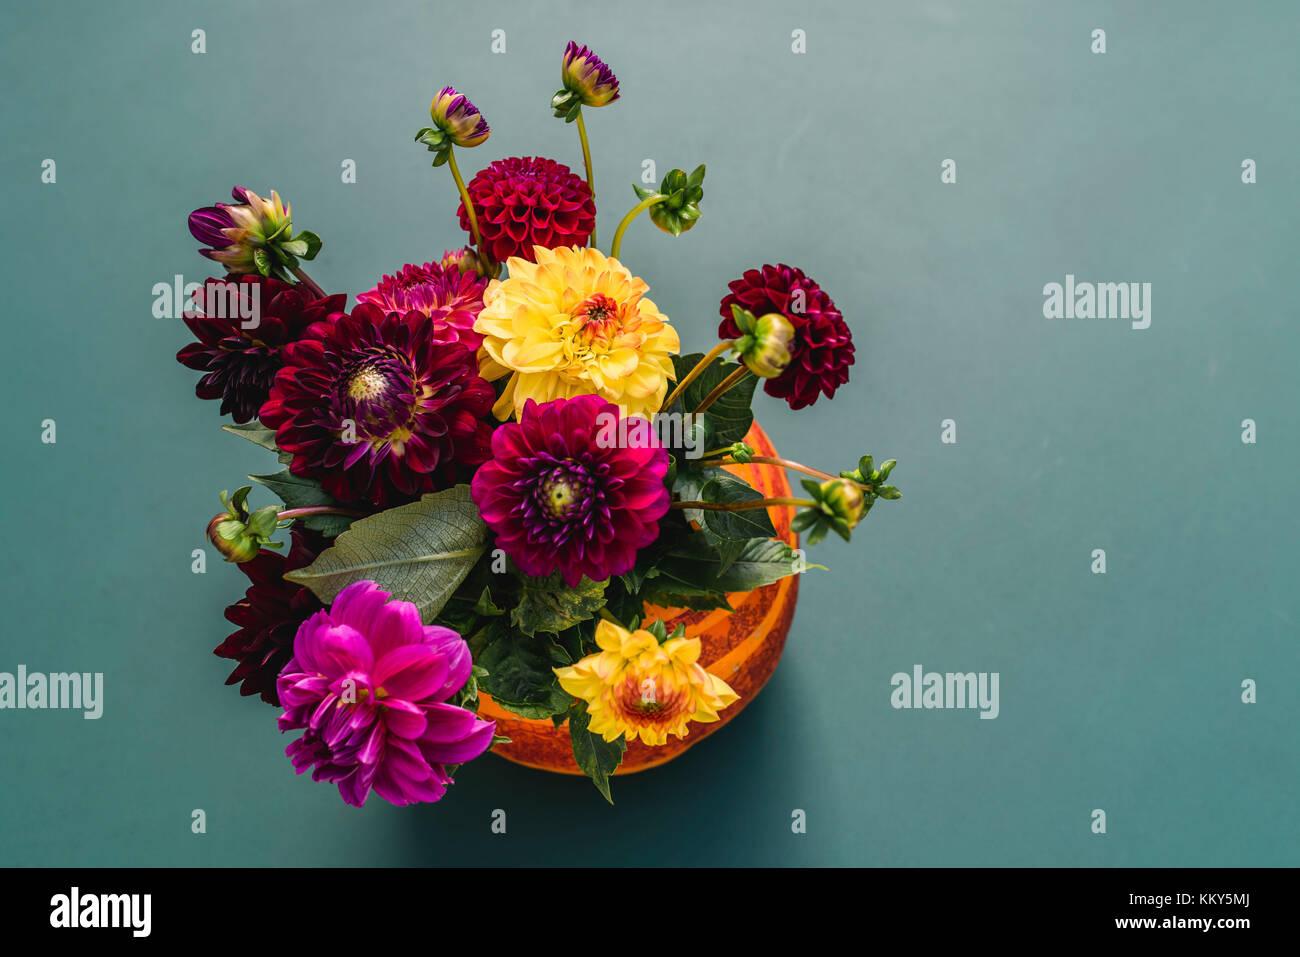 Pumpkin, hollow, flowers, still life - Stock Image